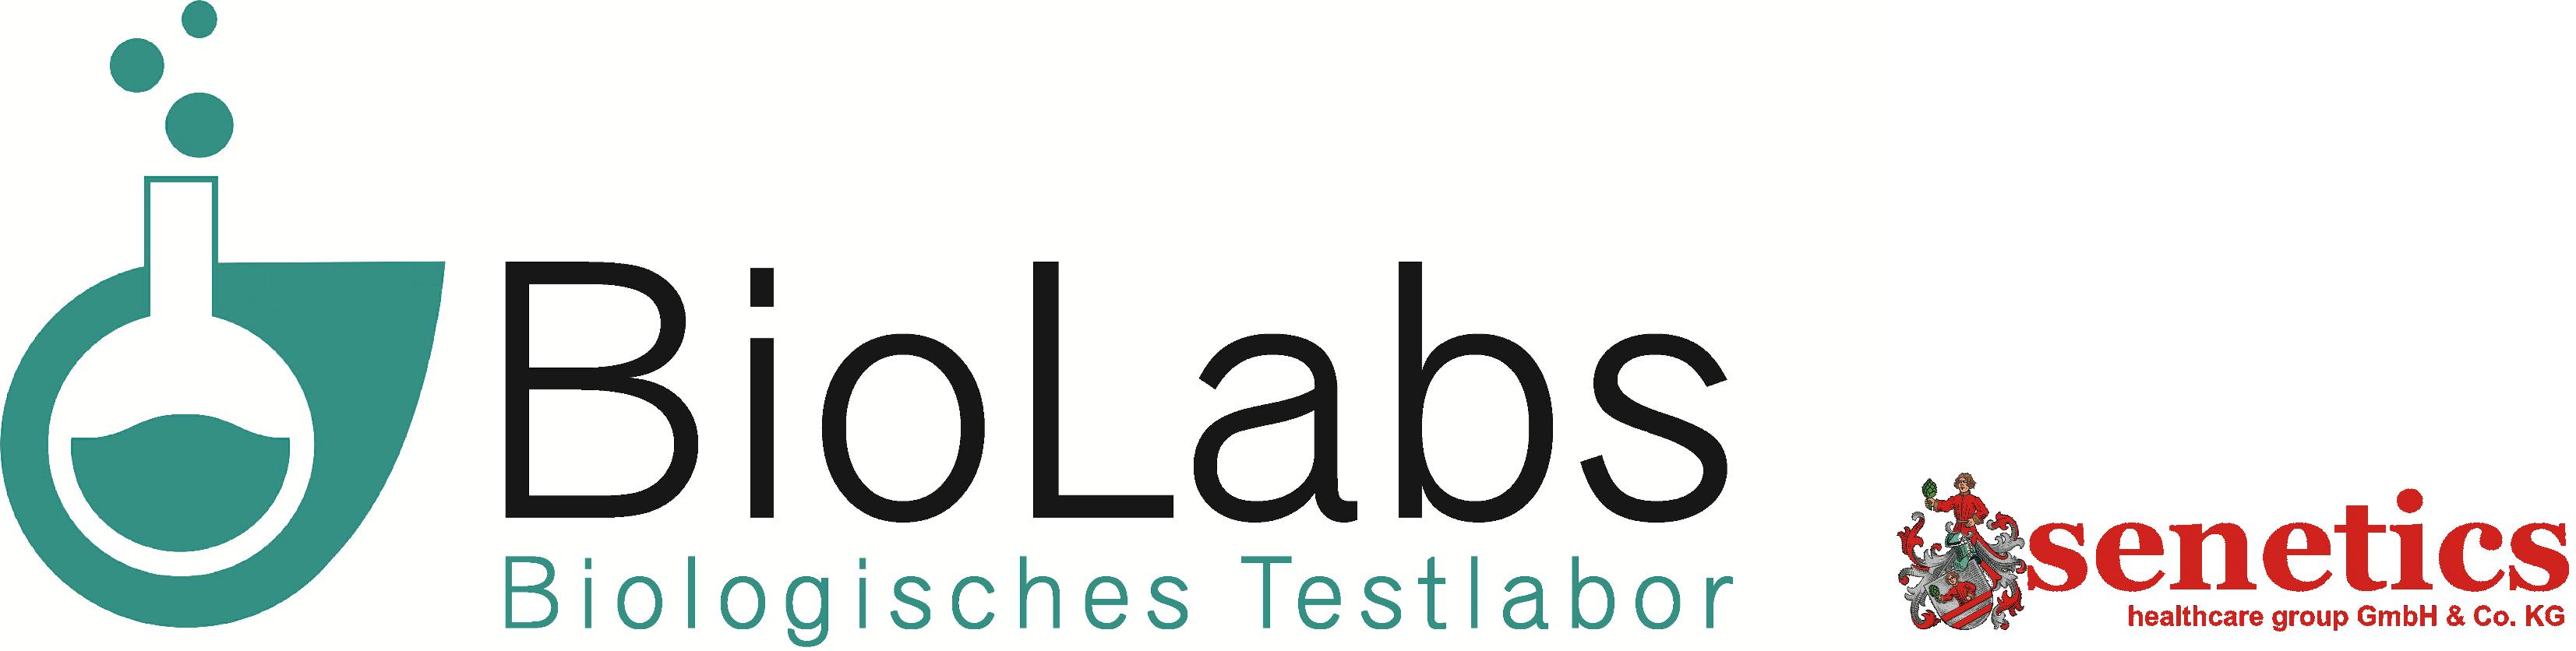 BioLabs senetics Logo